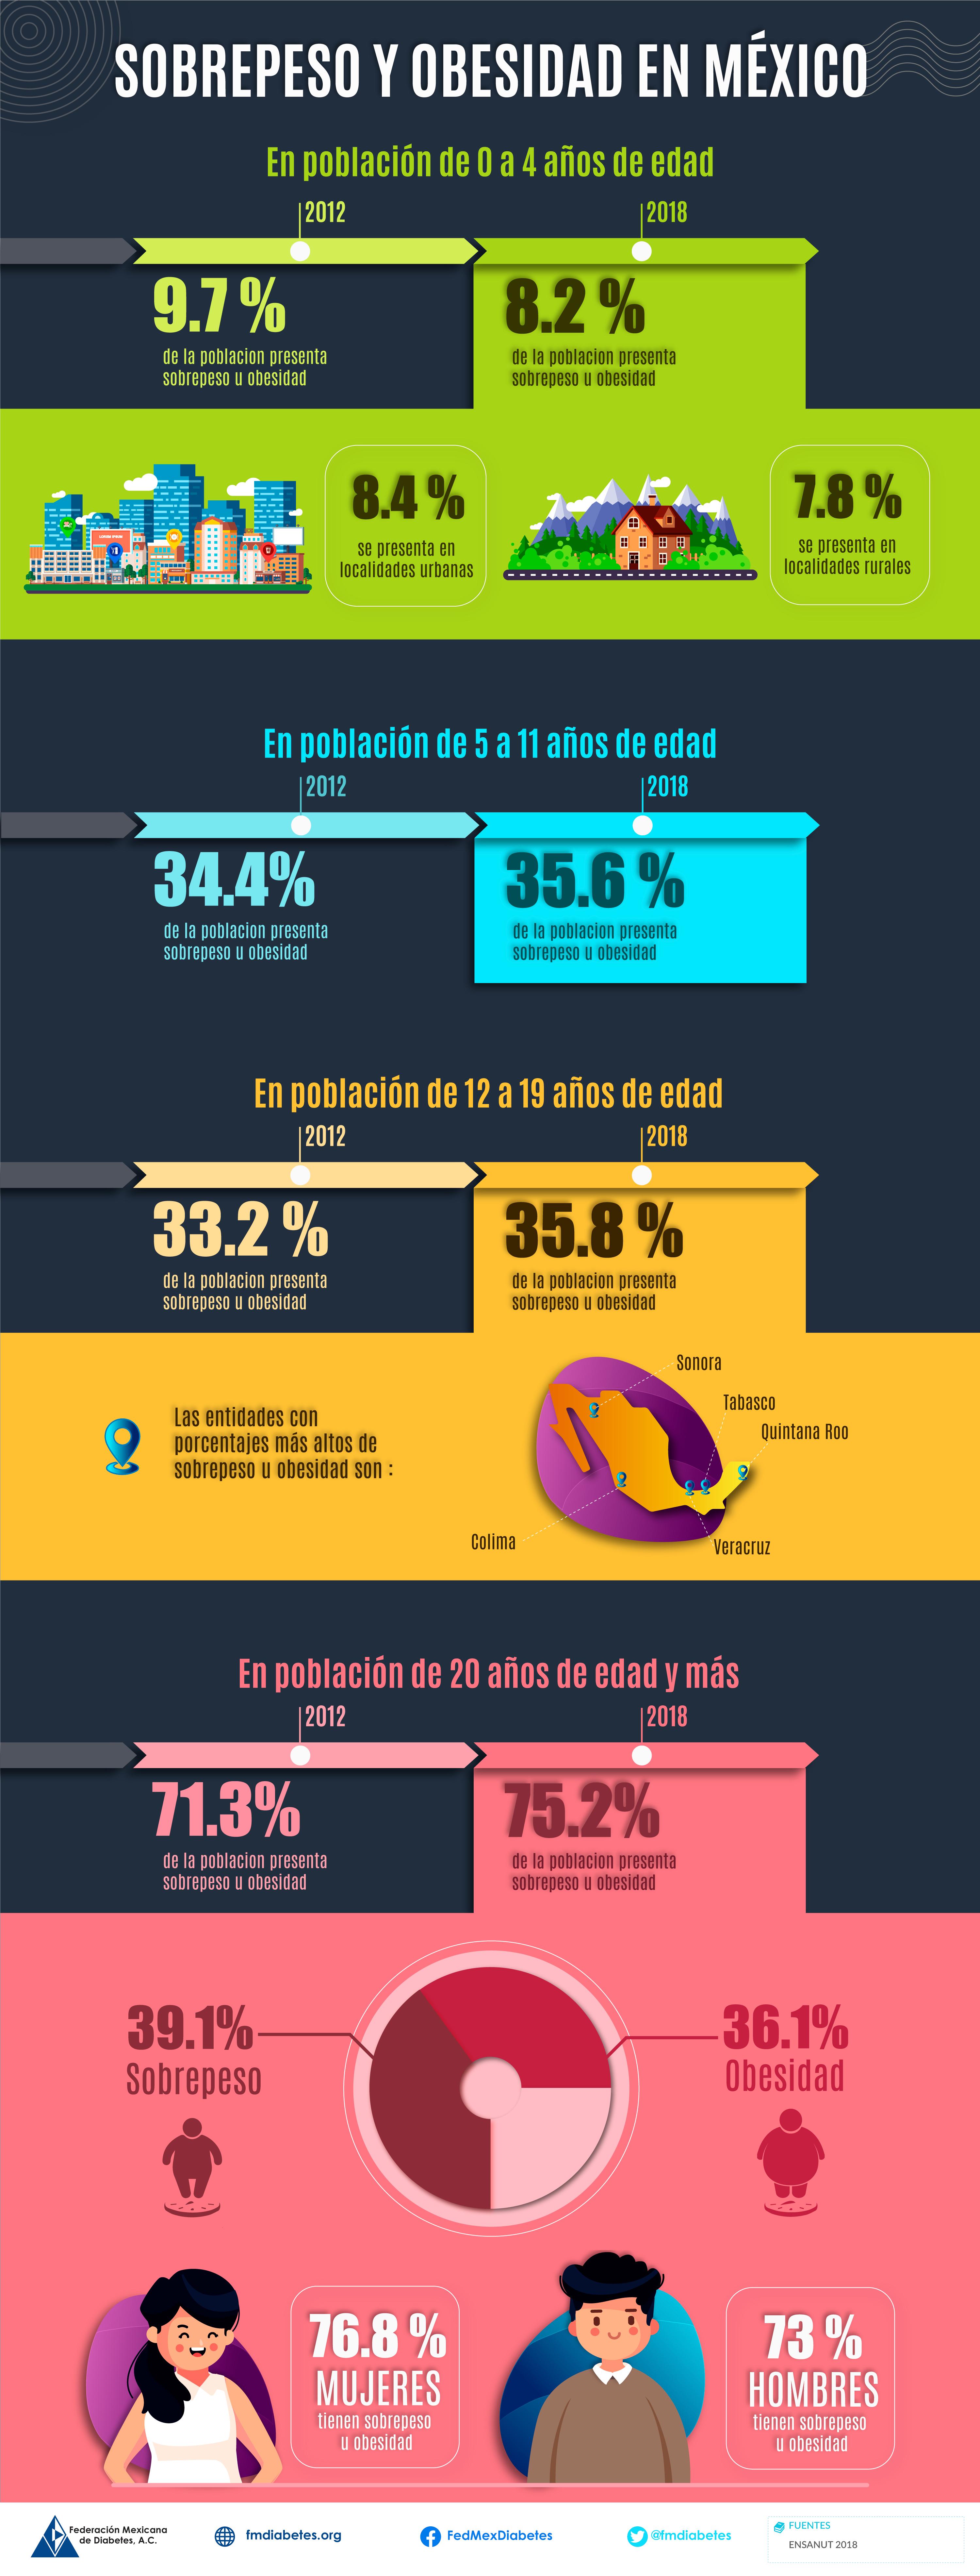 Sobrepeso y obesidad en México